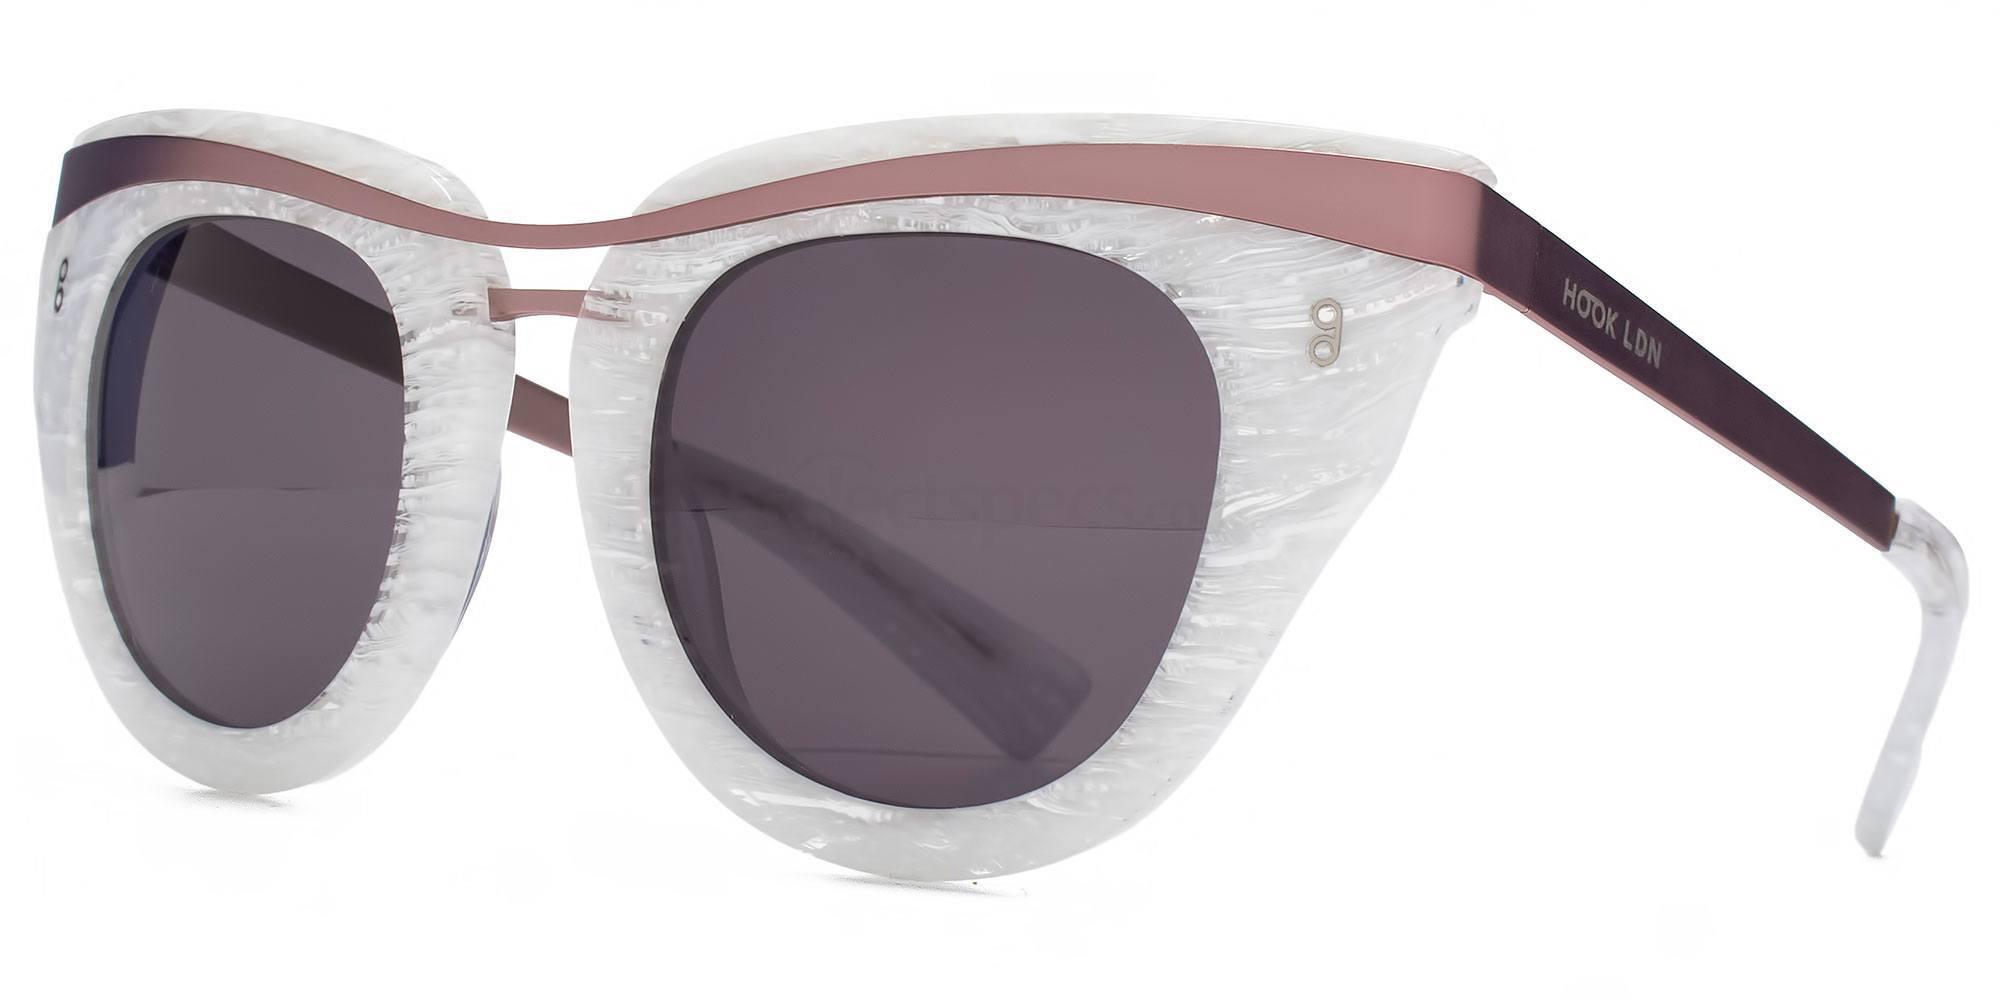 Hook LDN HK010 - CLIQUE sunglasses